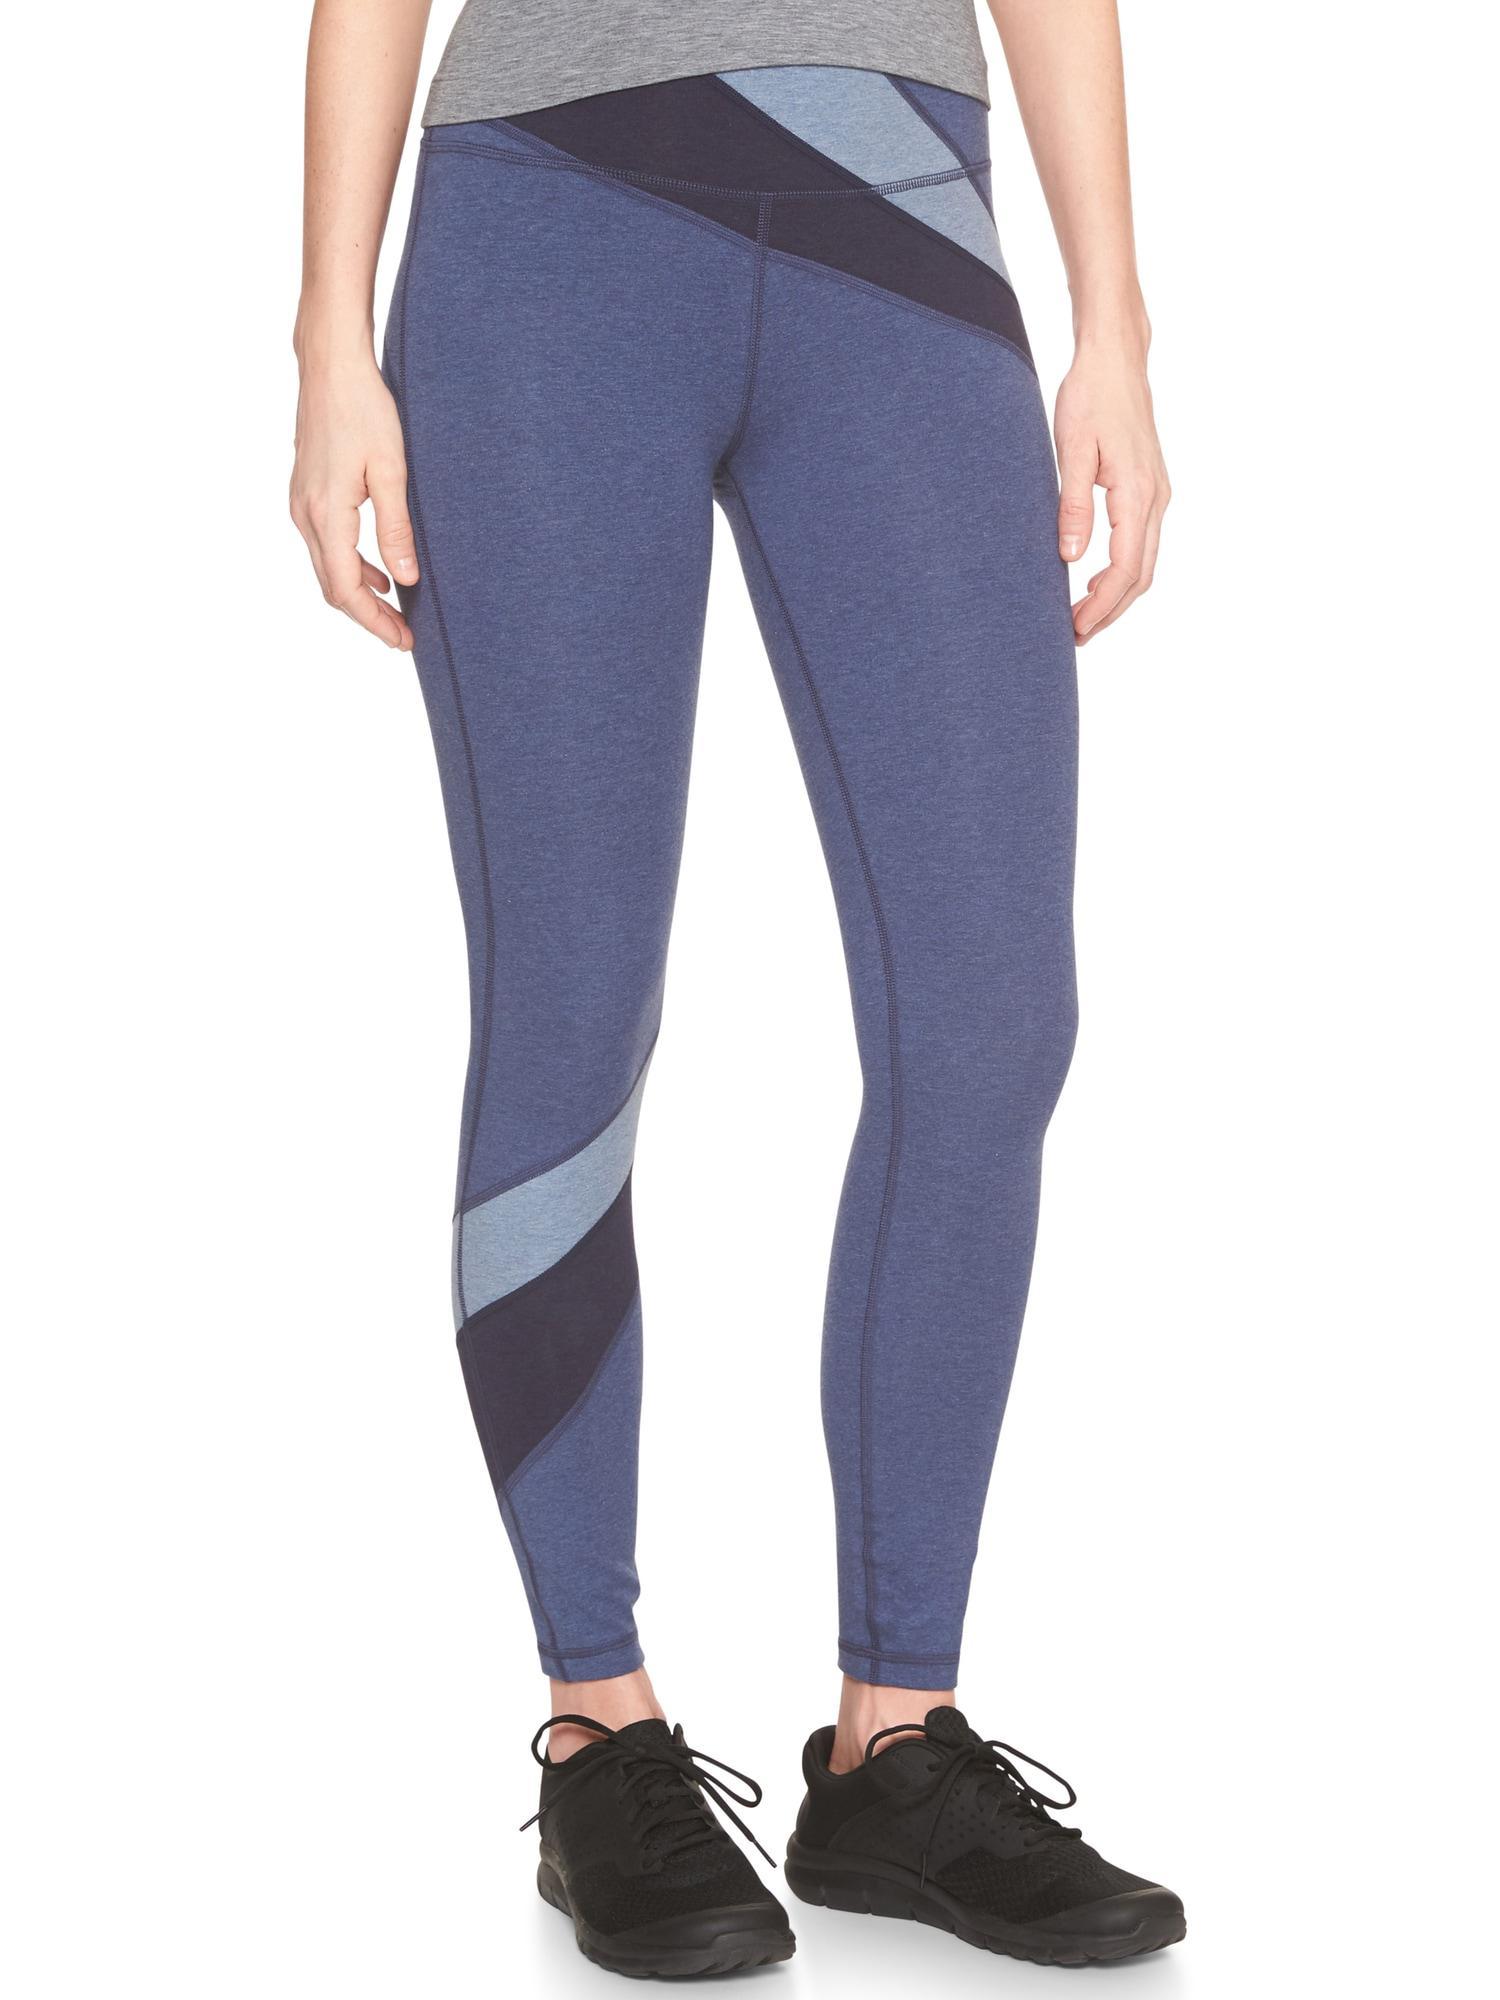 b75b2a0aad GAP Factory Gapfit Gfast Spliced Yoga Leggings in Blue - Lyst